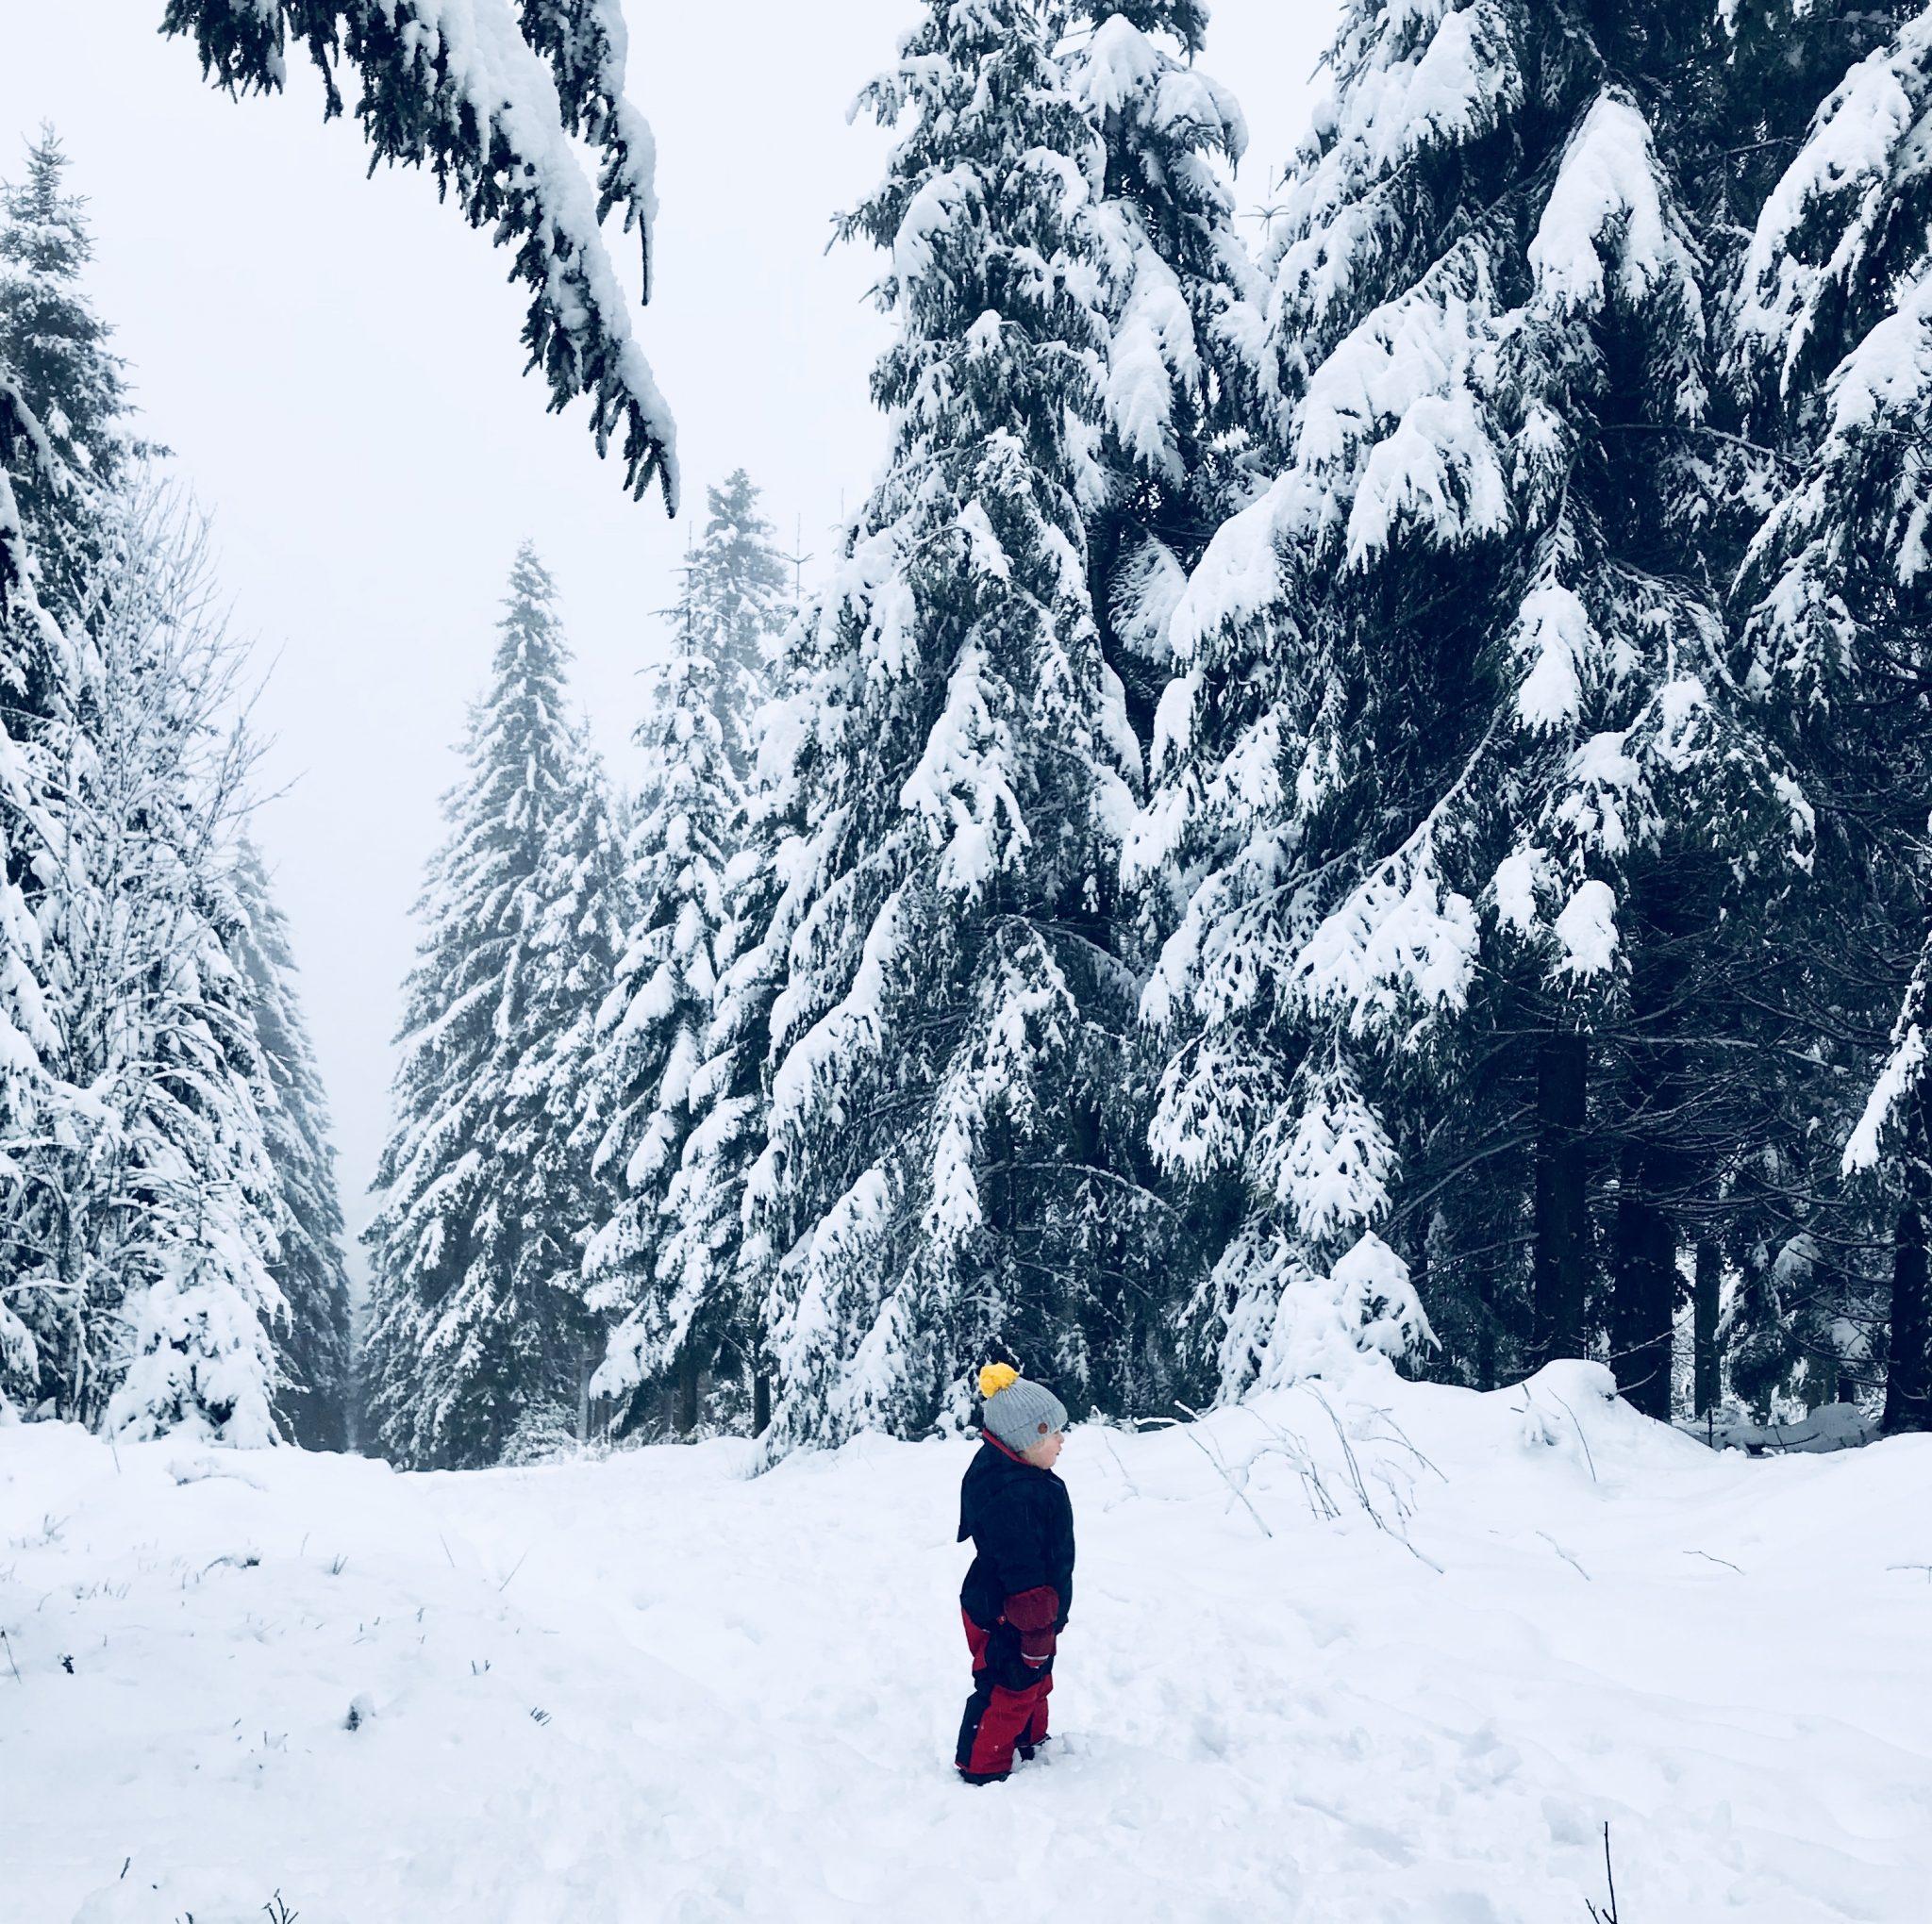 winterurlaub kurztrip kinder schnee winterferien sauerland schnee familienurlaub2 sarahplusdrei. Black Bedroom Furniture Sets. Home Design Ideas